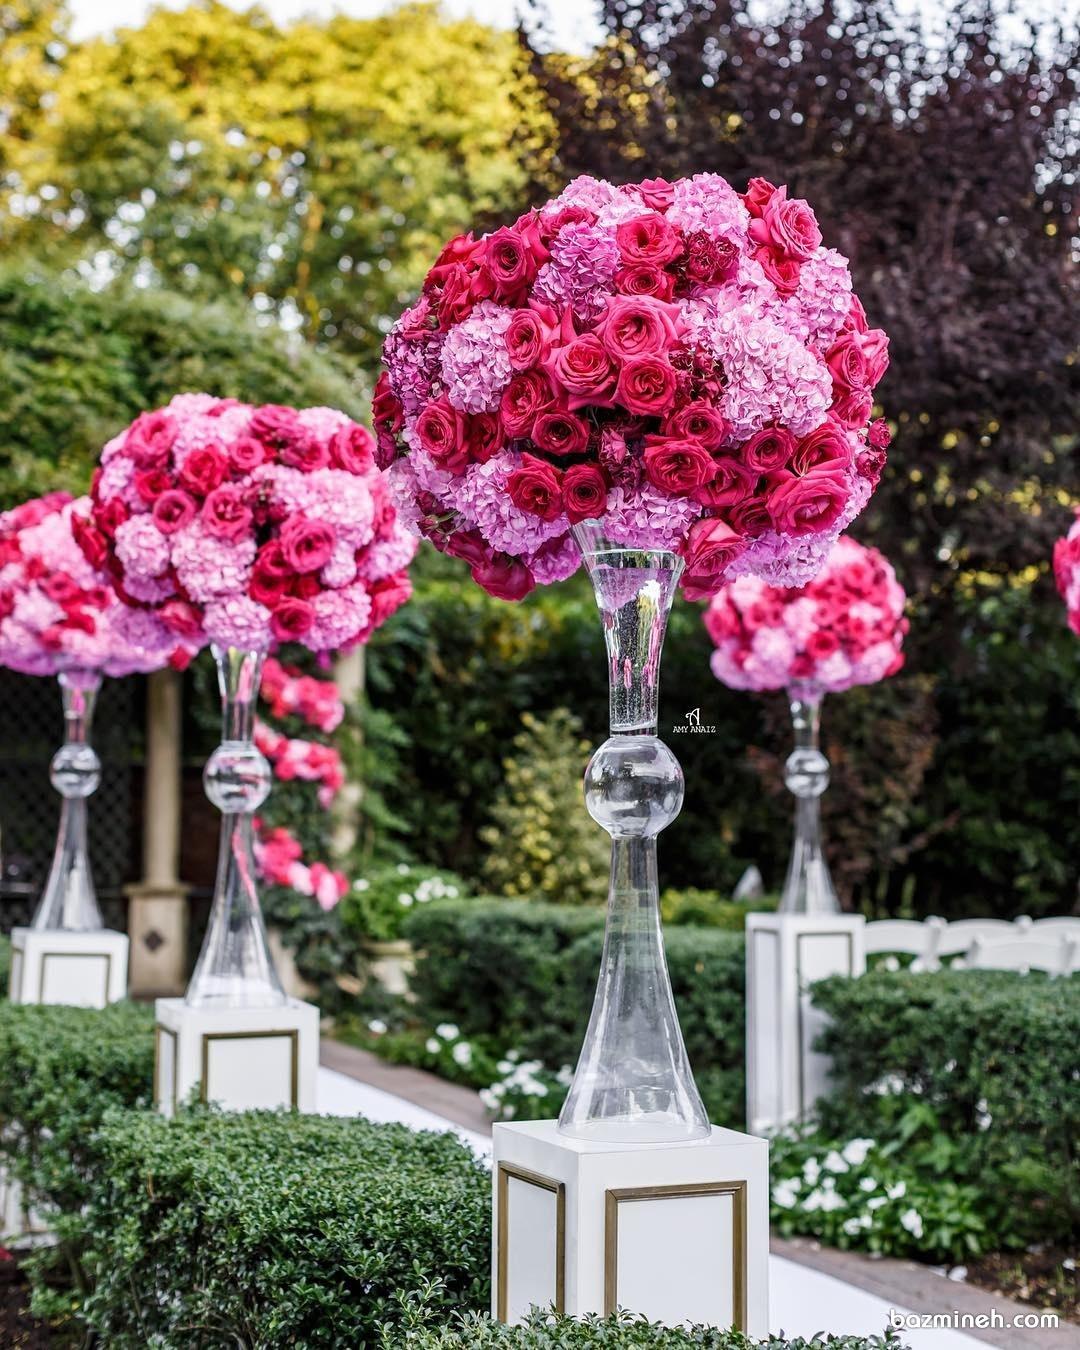 دکوراسیون درب ورودی سالن های جشن با گلدان های کریستالی و گل های رز قرمز و صورتی